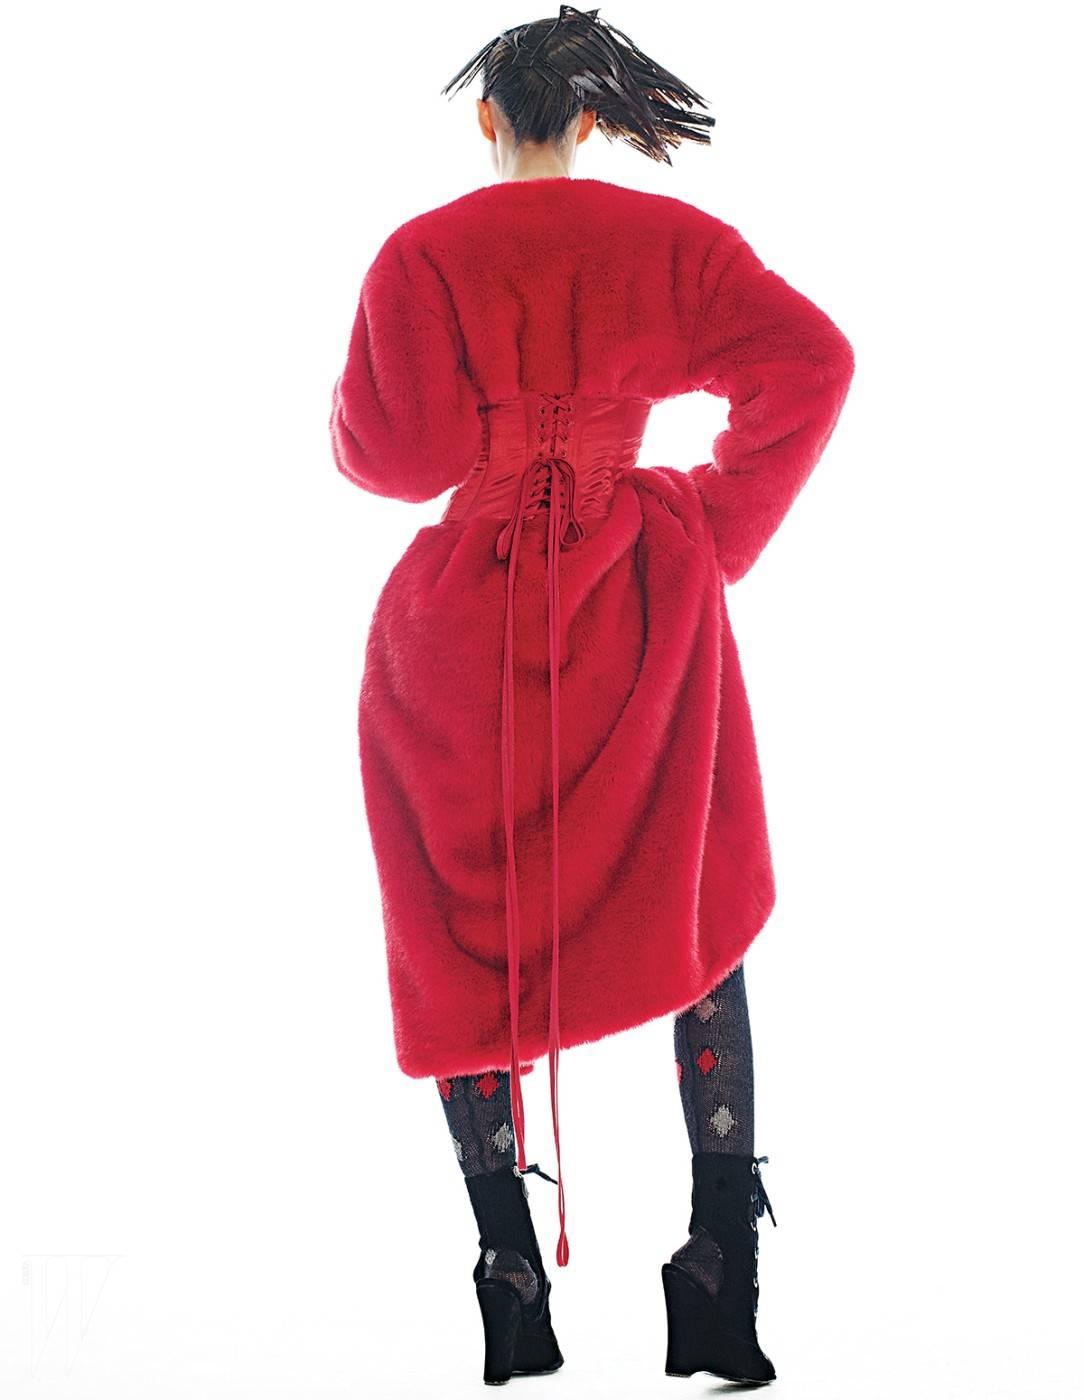 코르셋 디테일이 특징인 빨강 퍼 코트는 푸시버튼 제품. 가격 미정. 아가일 체크무늬 니트 타이츠와 벨벳 소재의 웨지 슈즈는 프라다 제품. 모두 가격 미정.